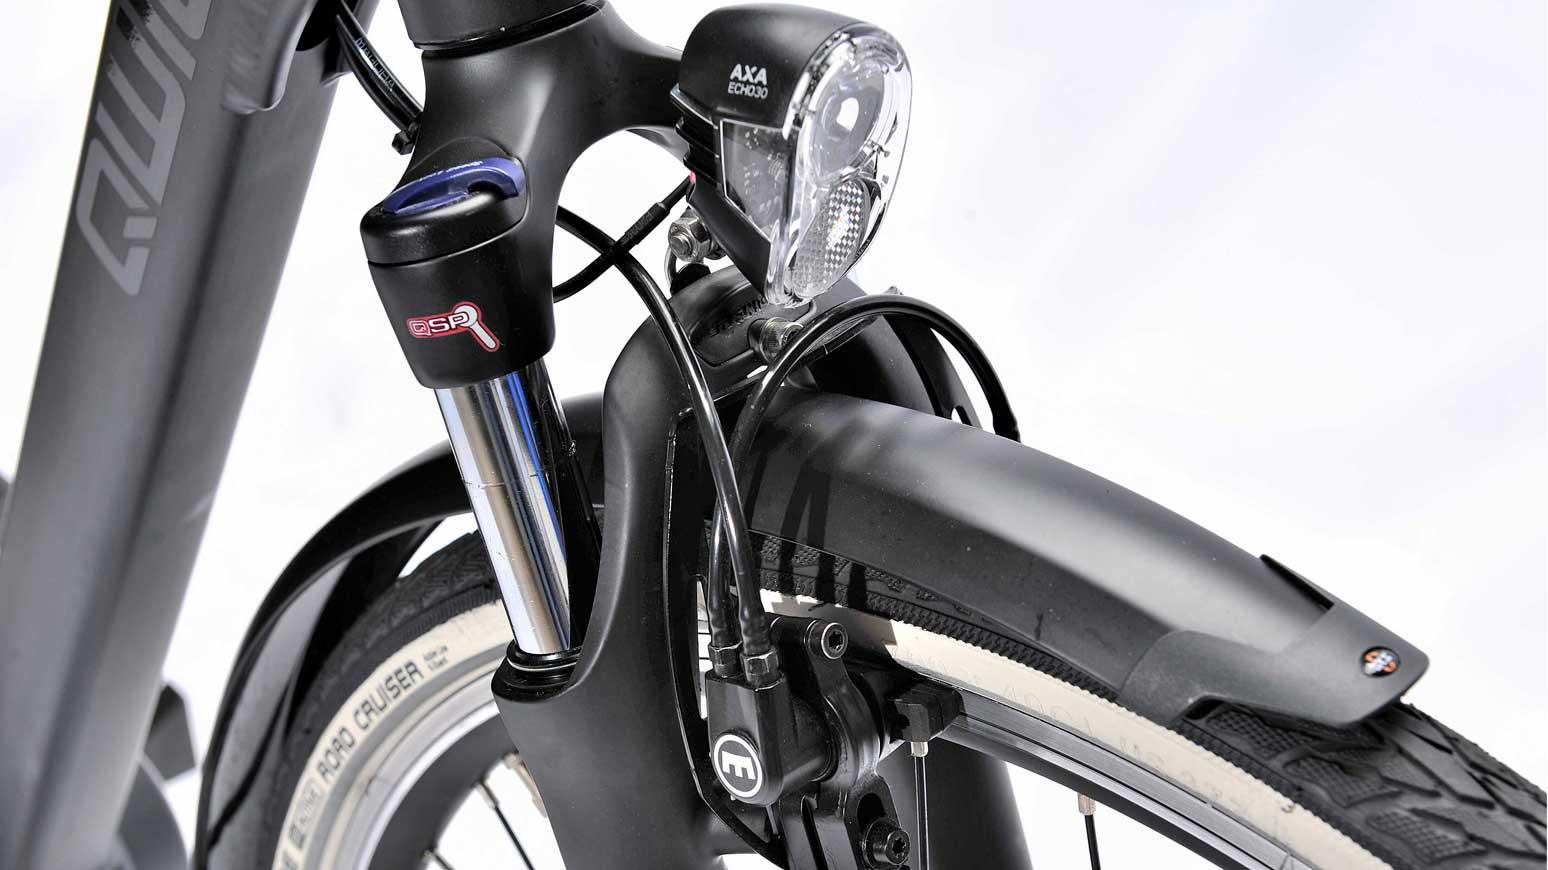 Qwic Premium MN7 Frontscheinwerfer und hydraulische Magura Felgenbremse